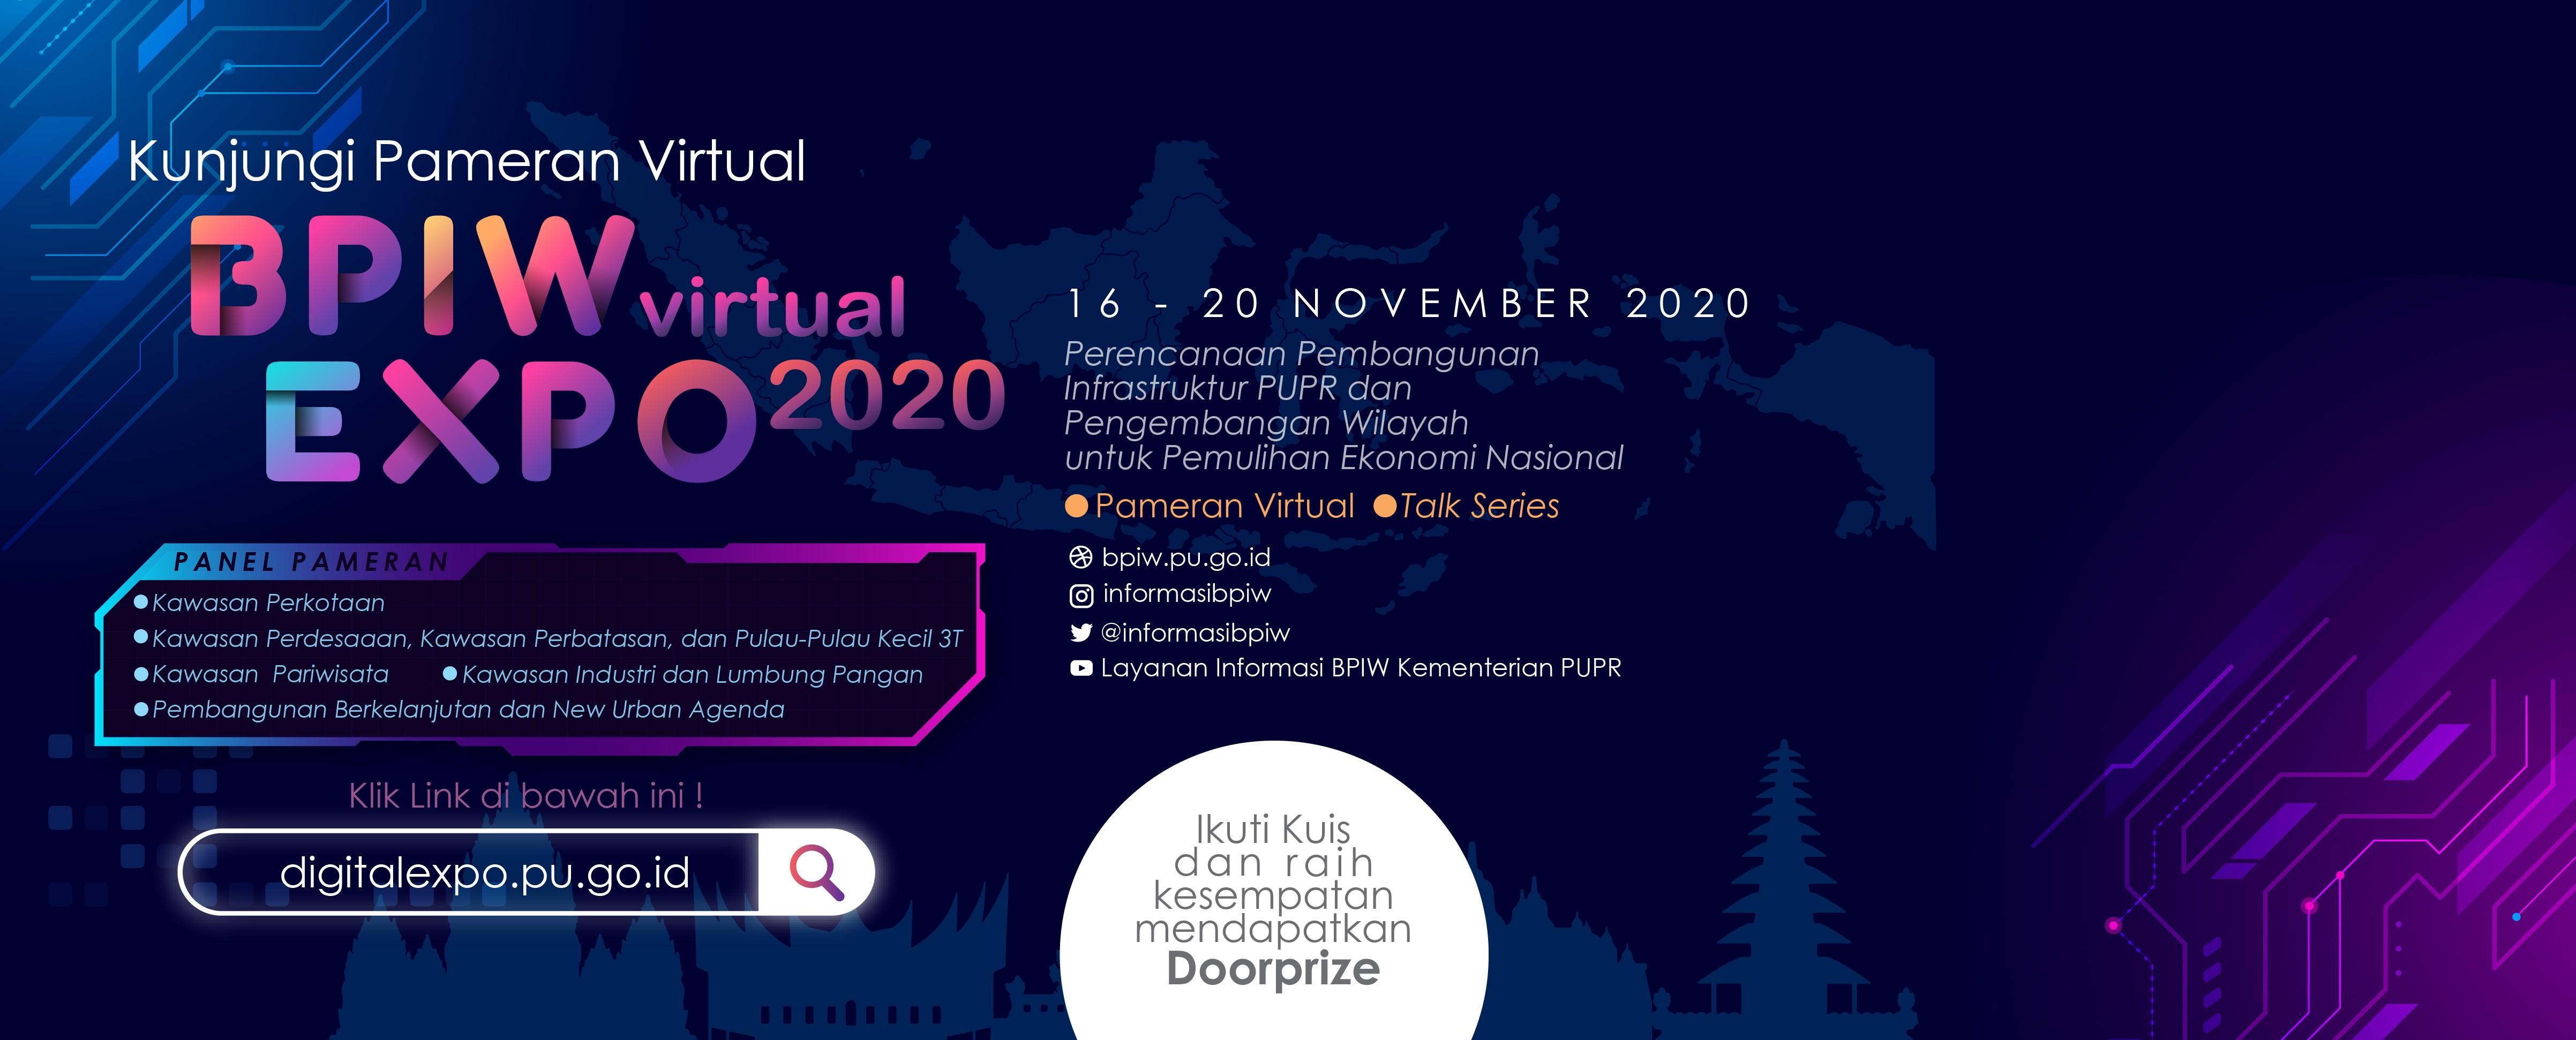 BPIW Virtual Expo 2020